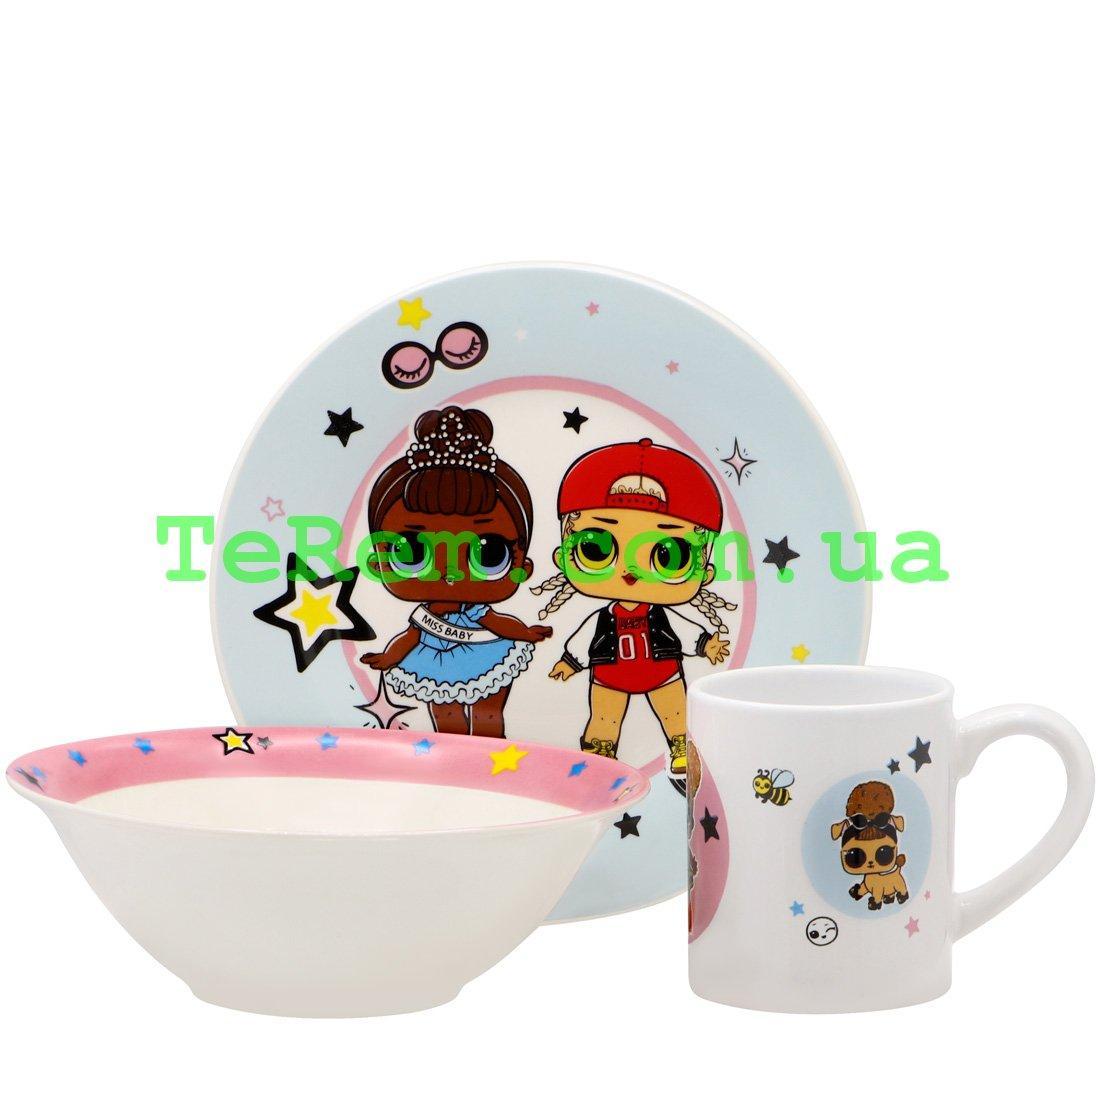 """Детский набор посуды """"Кукла L.O.L."""" ТО-17"""